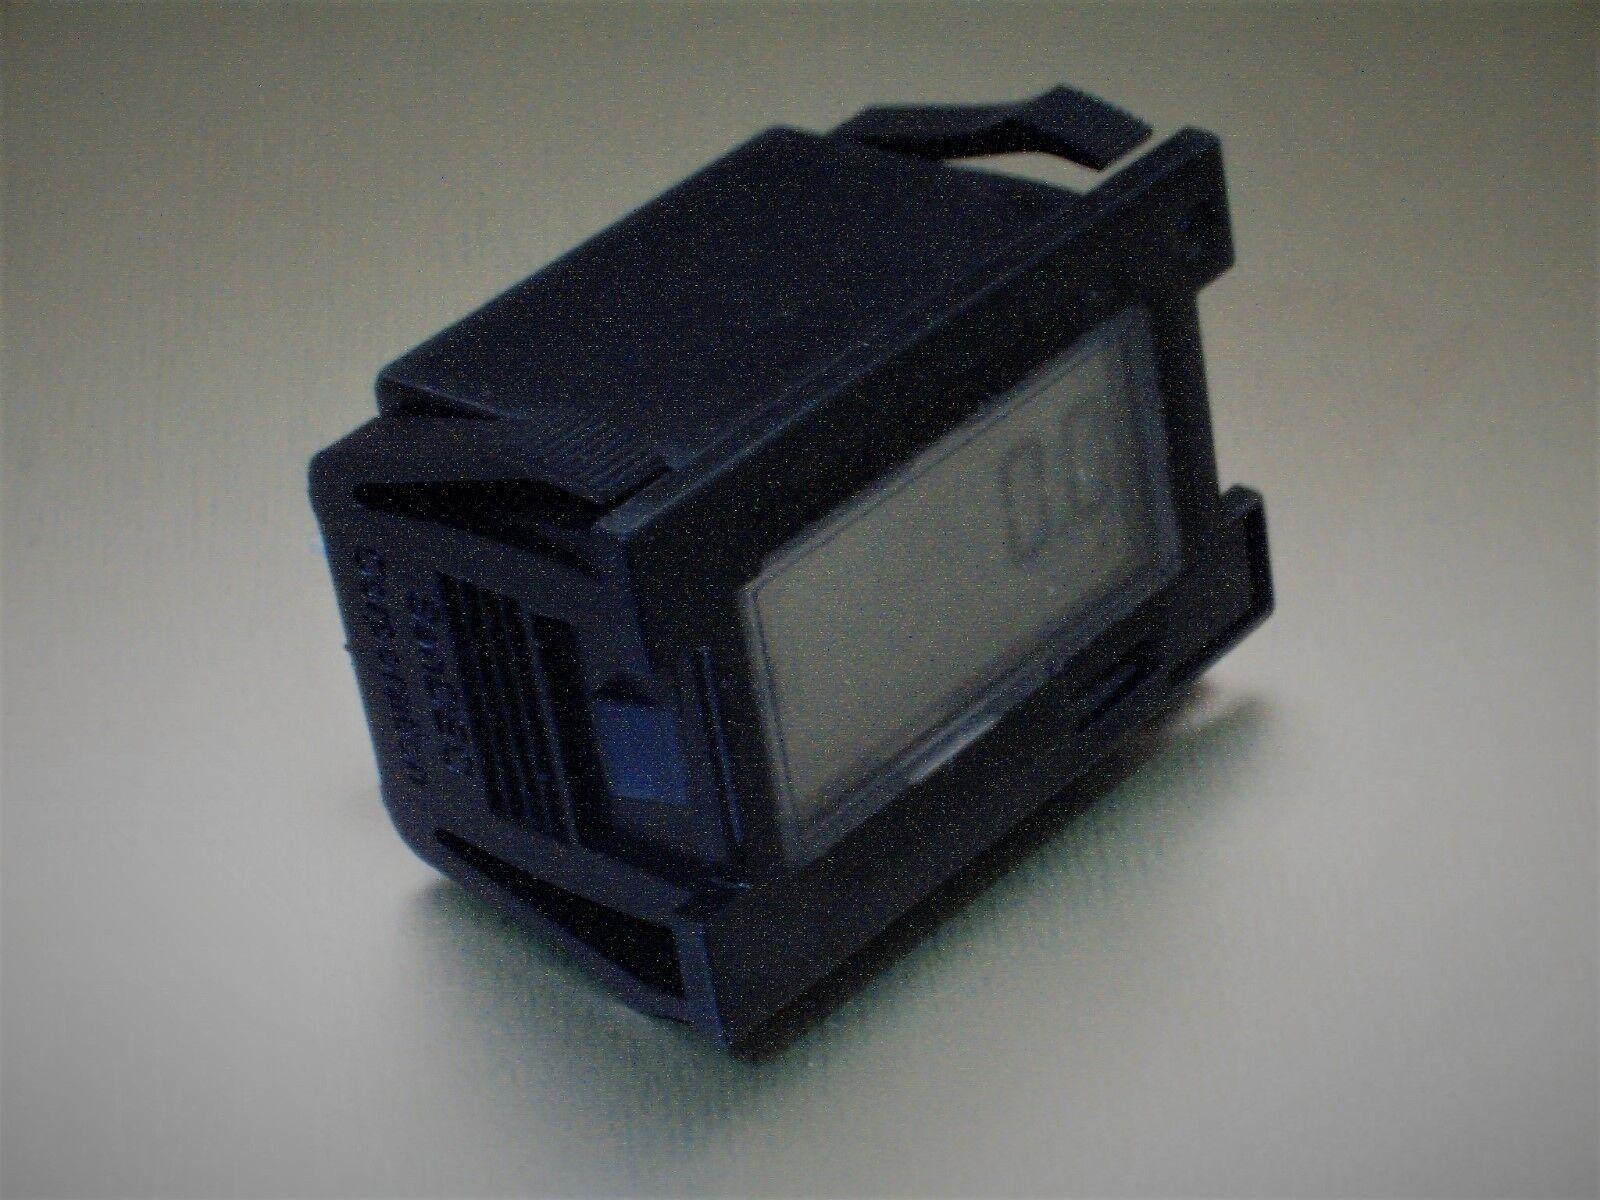 SENDEC Hour Meter works for all 5v 12v 24v 36v Zero Turn Law